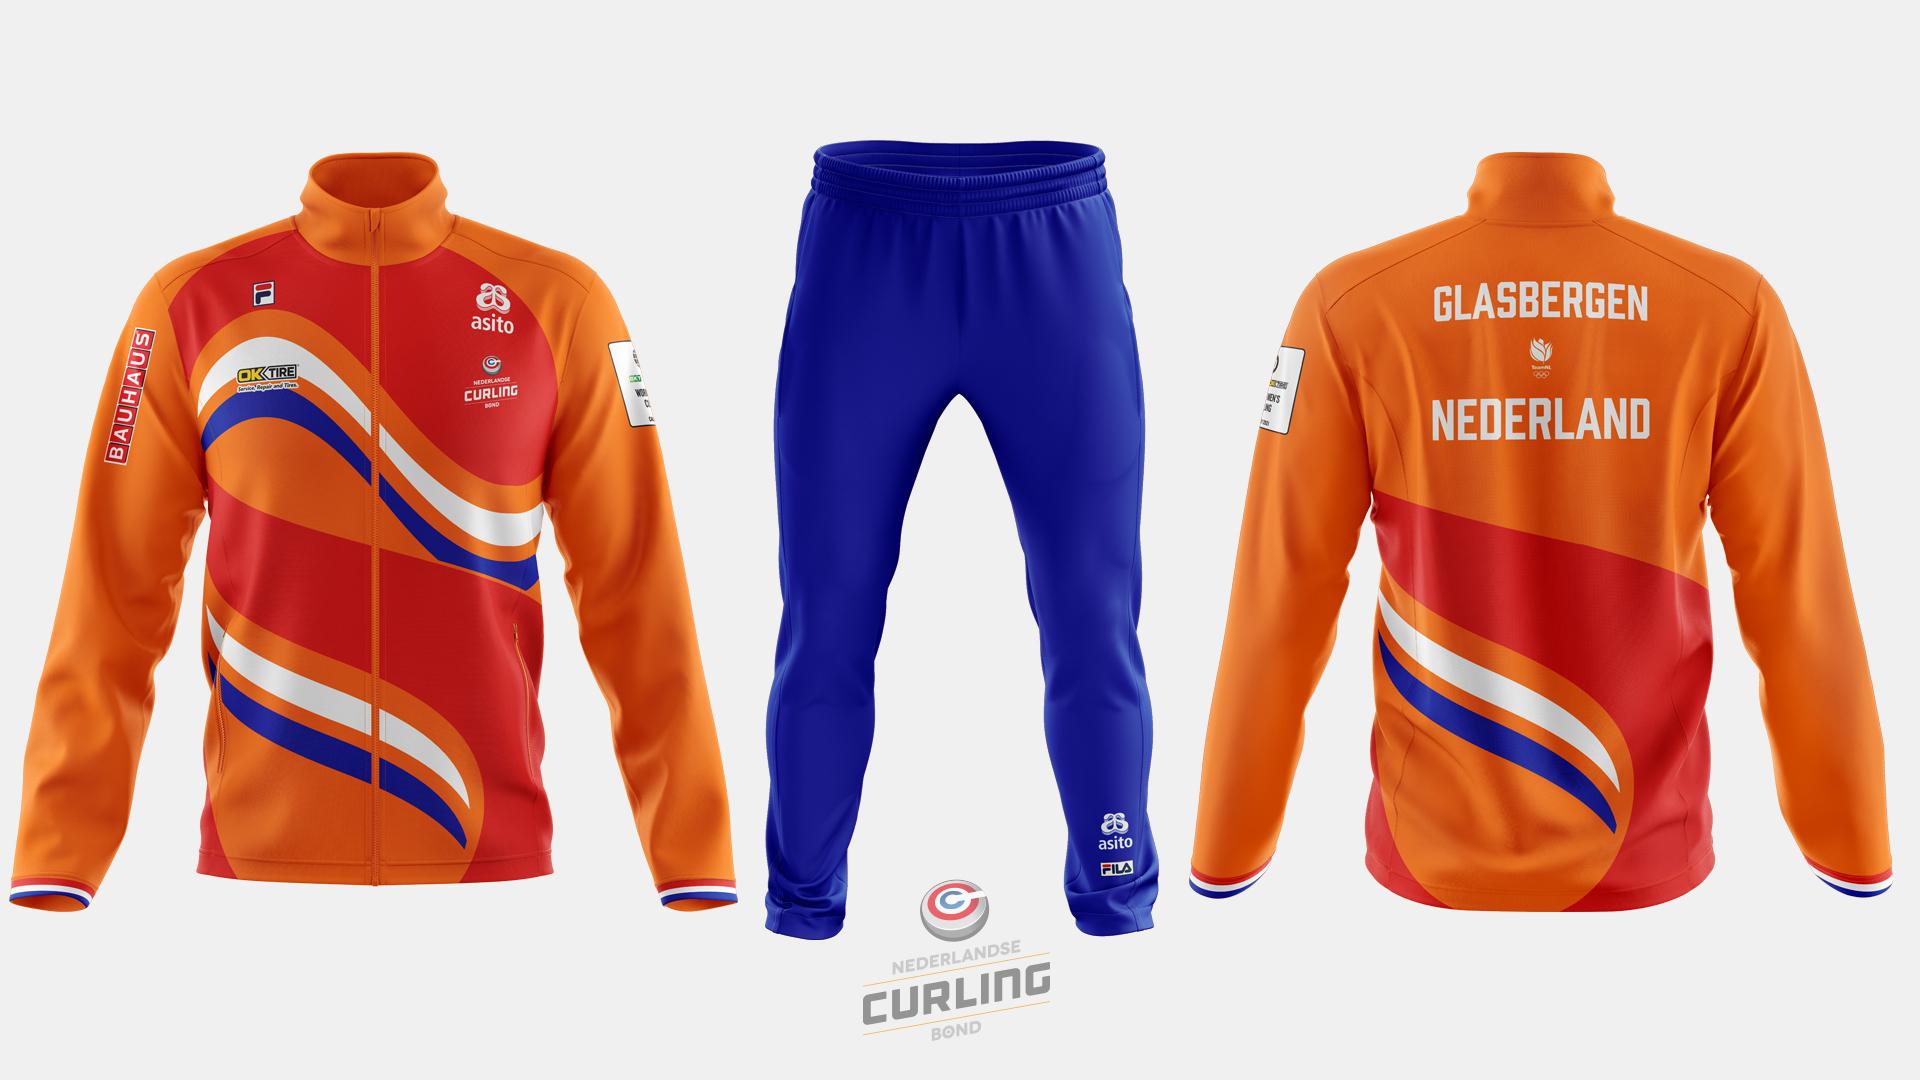 Team NL Curling jacket home